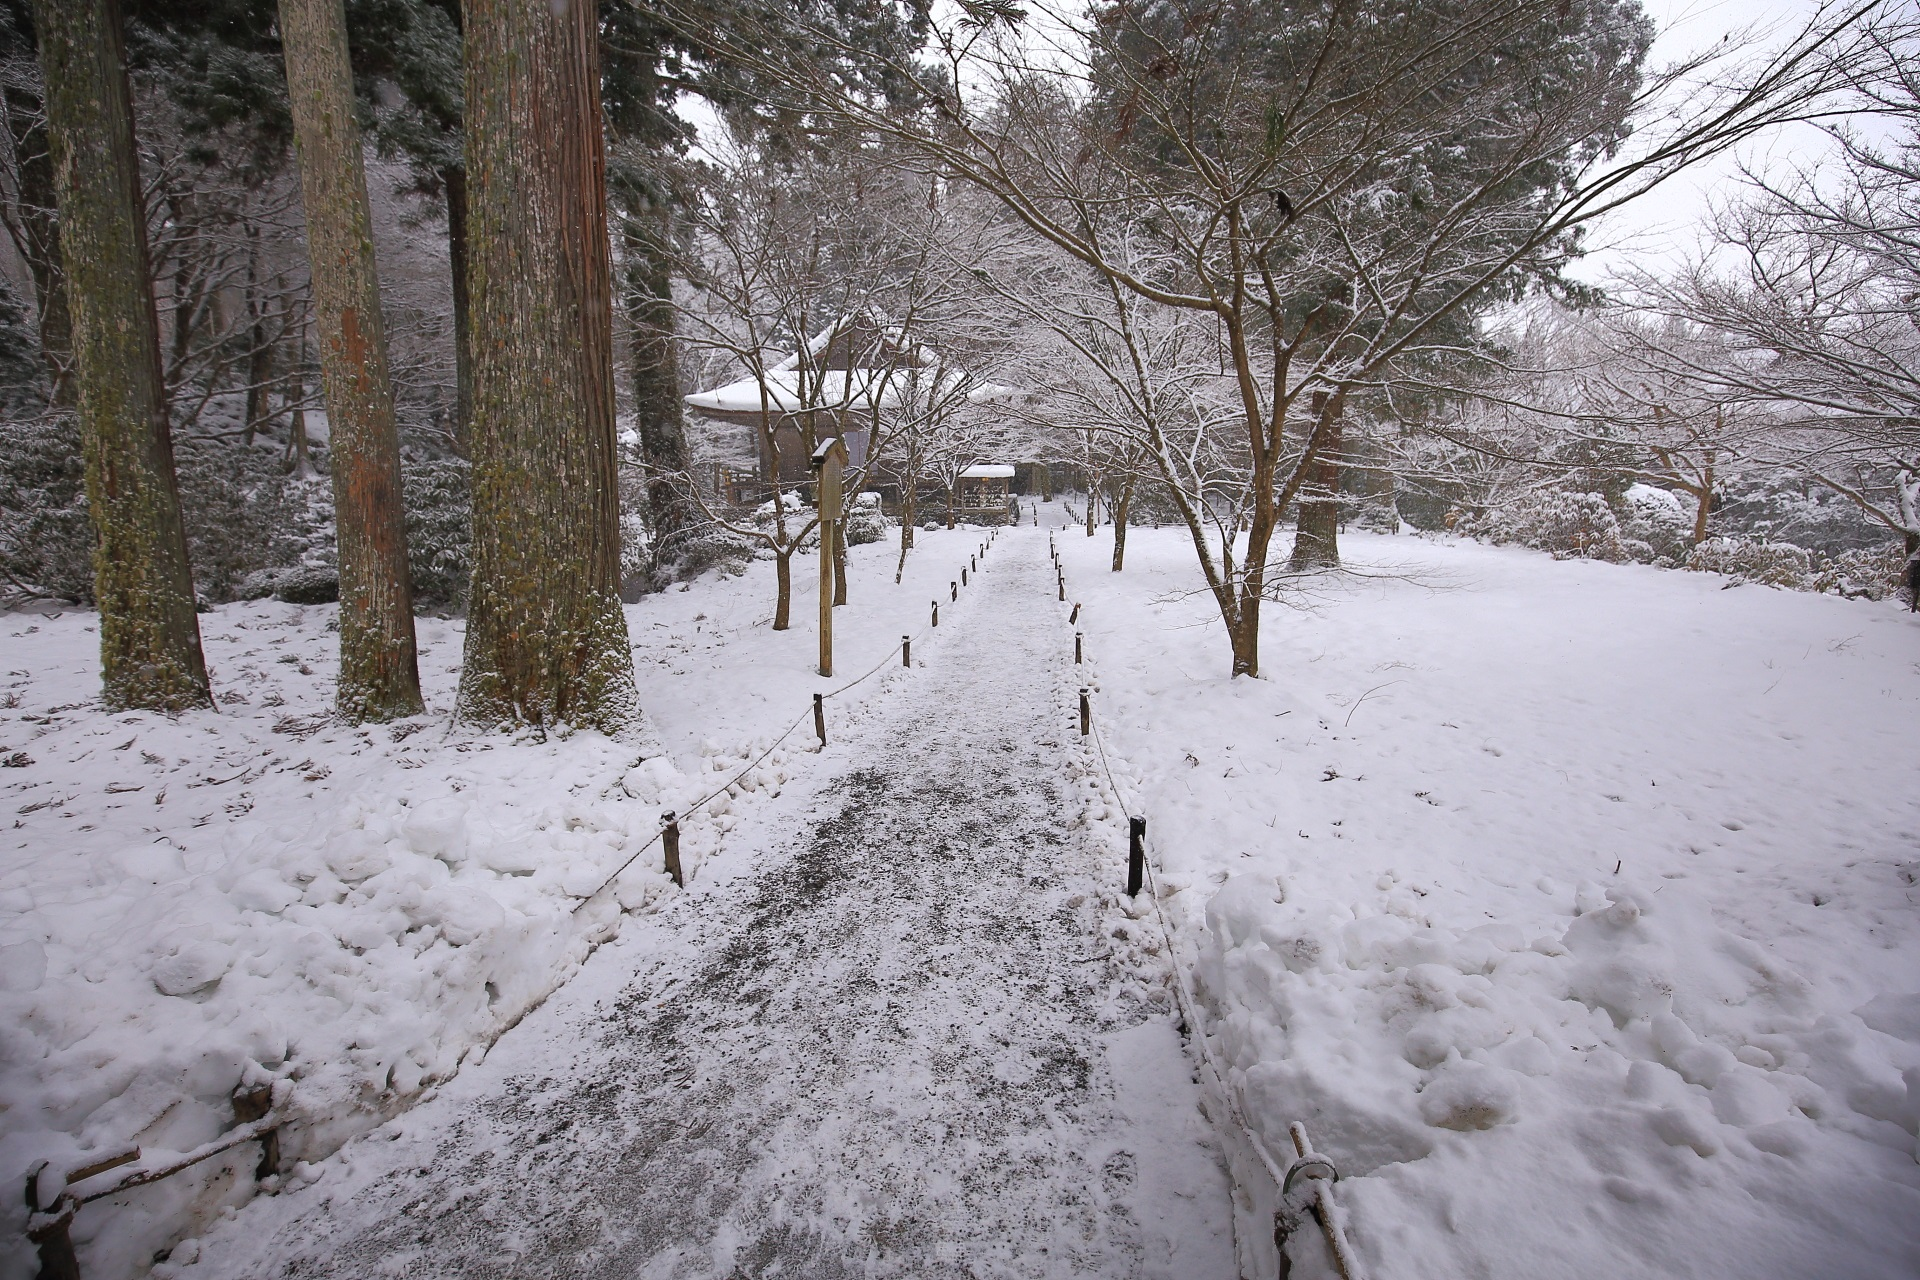 三千院の宸殿から眺めた一面の雪景色